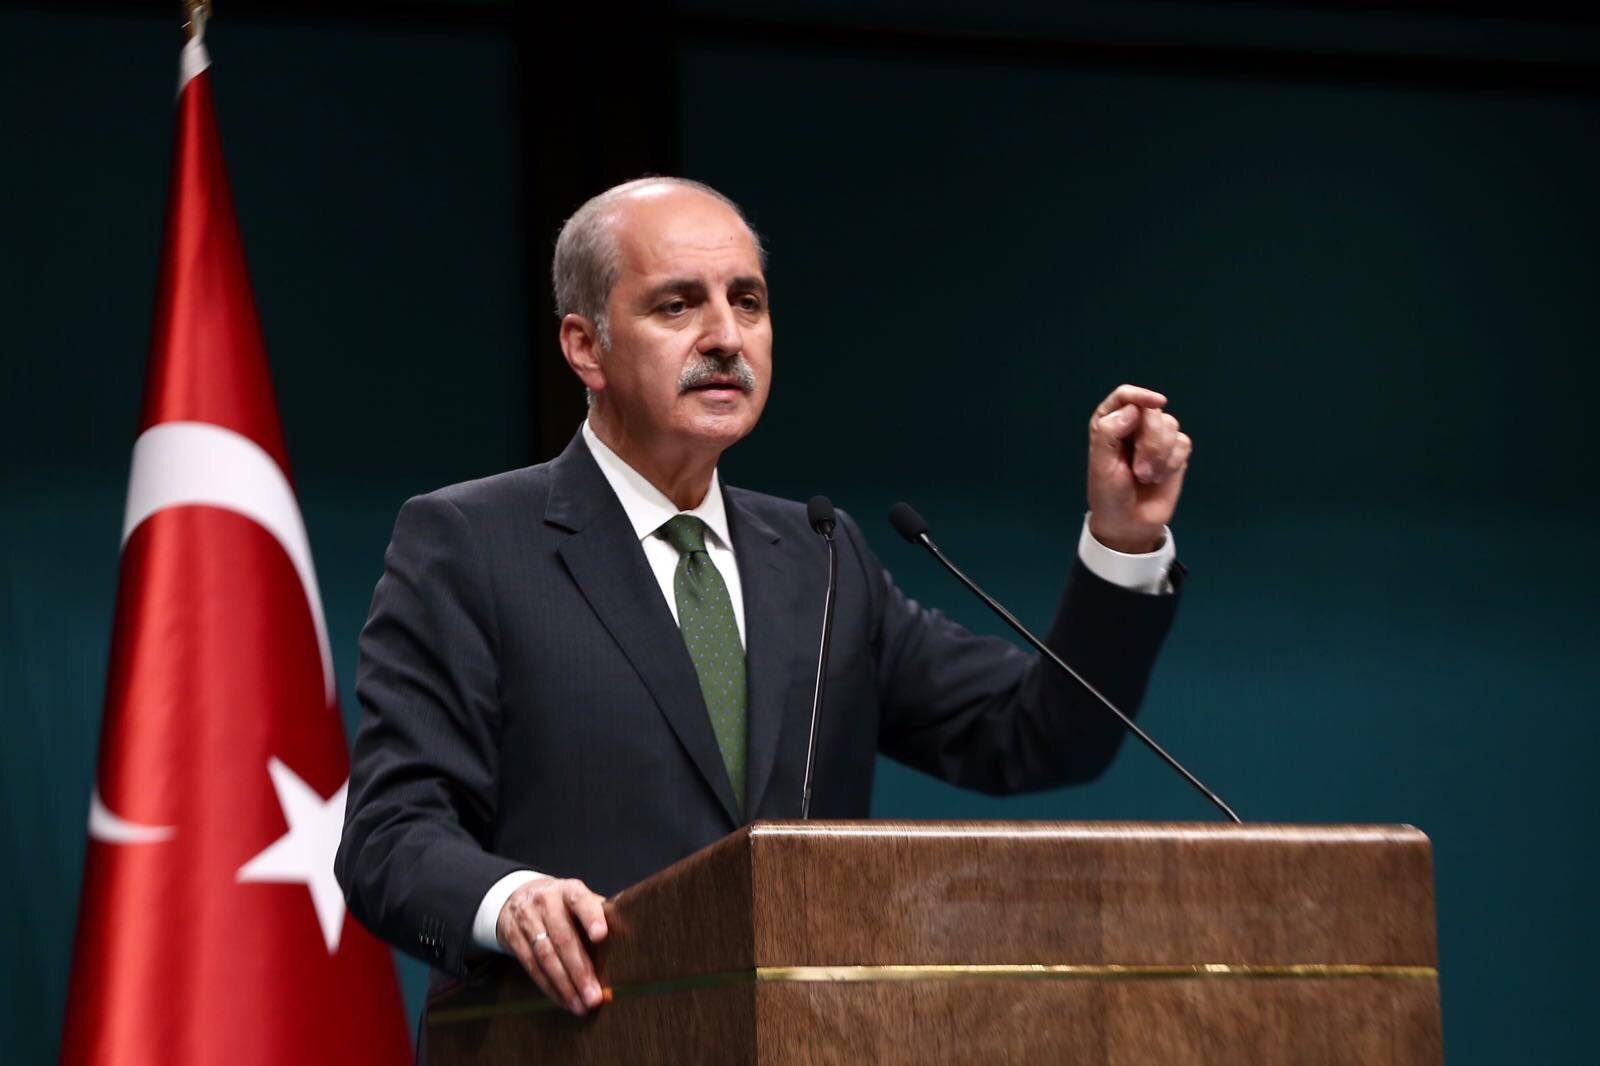 Numan Kurtulmuş, AK Parti'nin oy oranını açıkladı! Muhalefet kara kara düşünmeye başladı